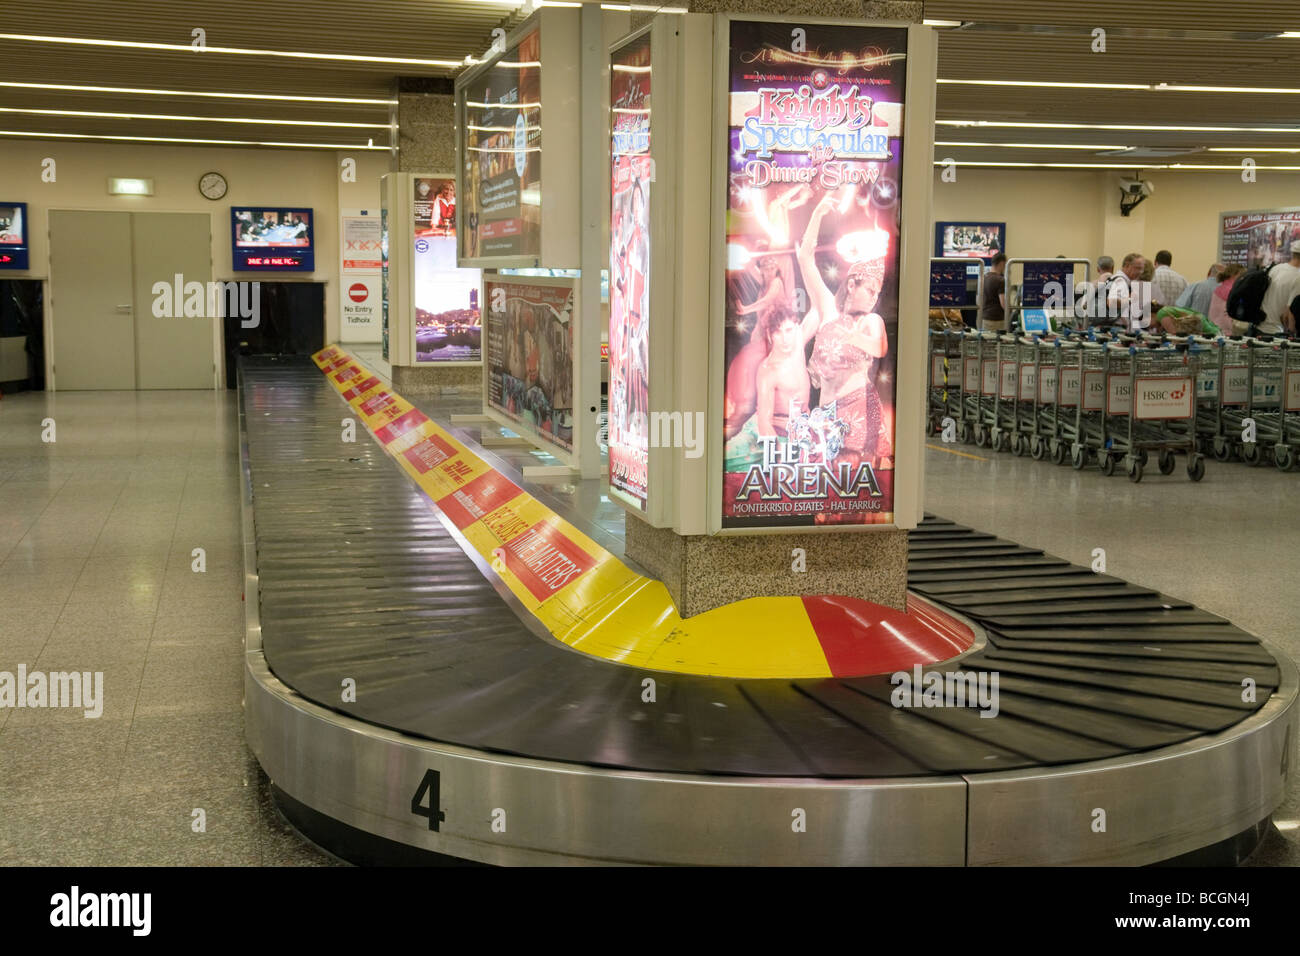 Leere Gepäckausgabe Förderband, Ankünfte, internationalen Flughafen Malta, Malta Stockbild